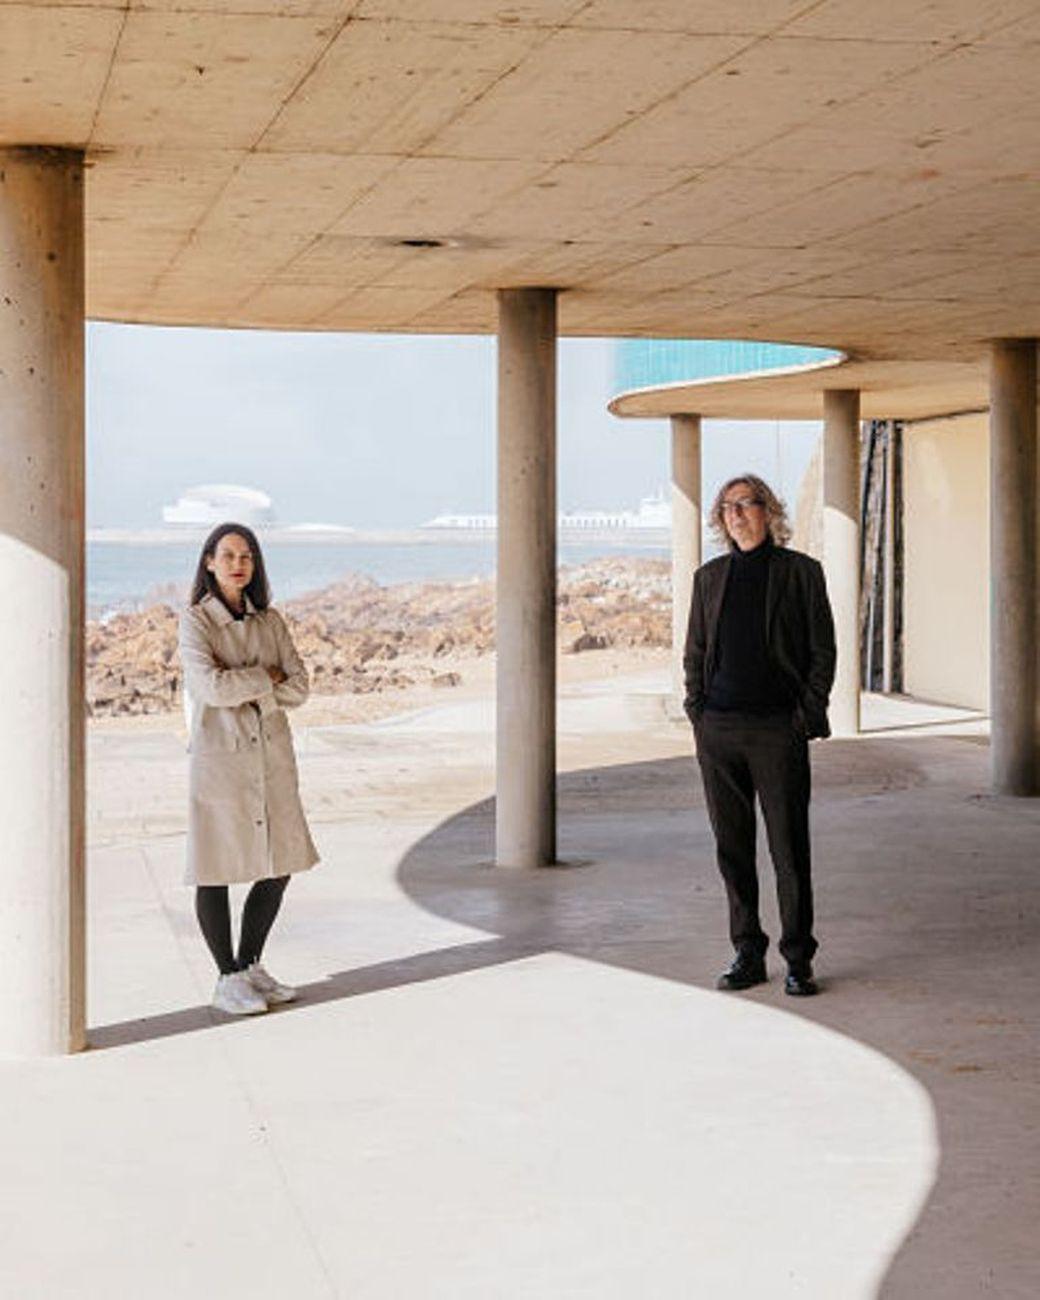 Magda Seifert e Alastair Fuad Luke. Courtesy Esad Idea. Photo Bruno Mesquita